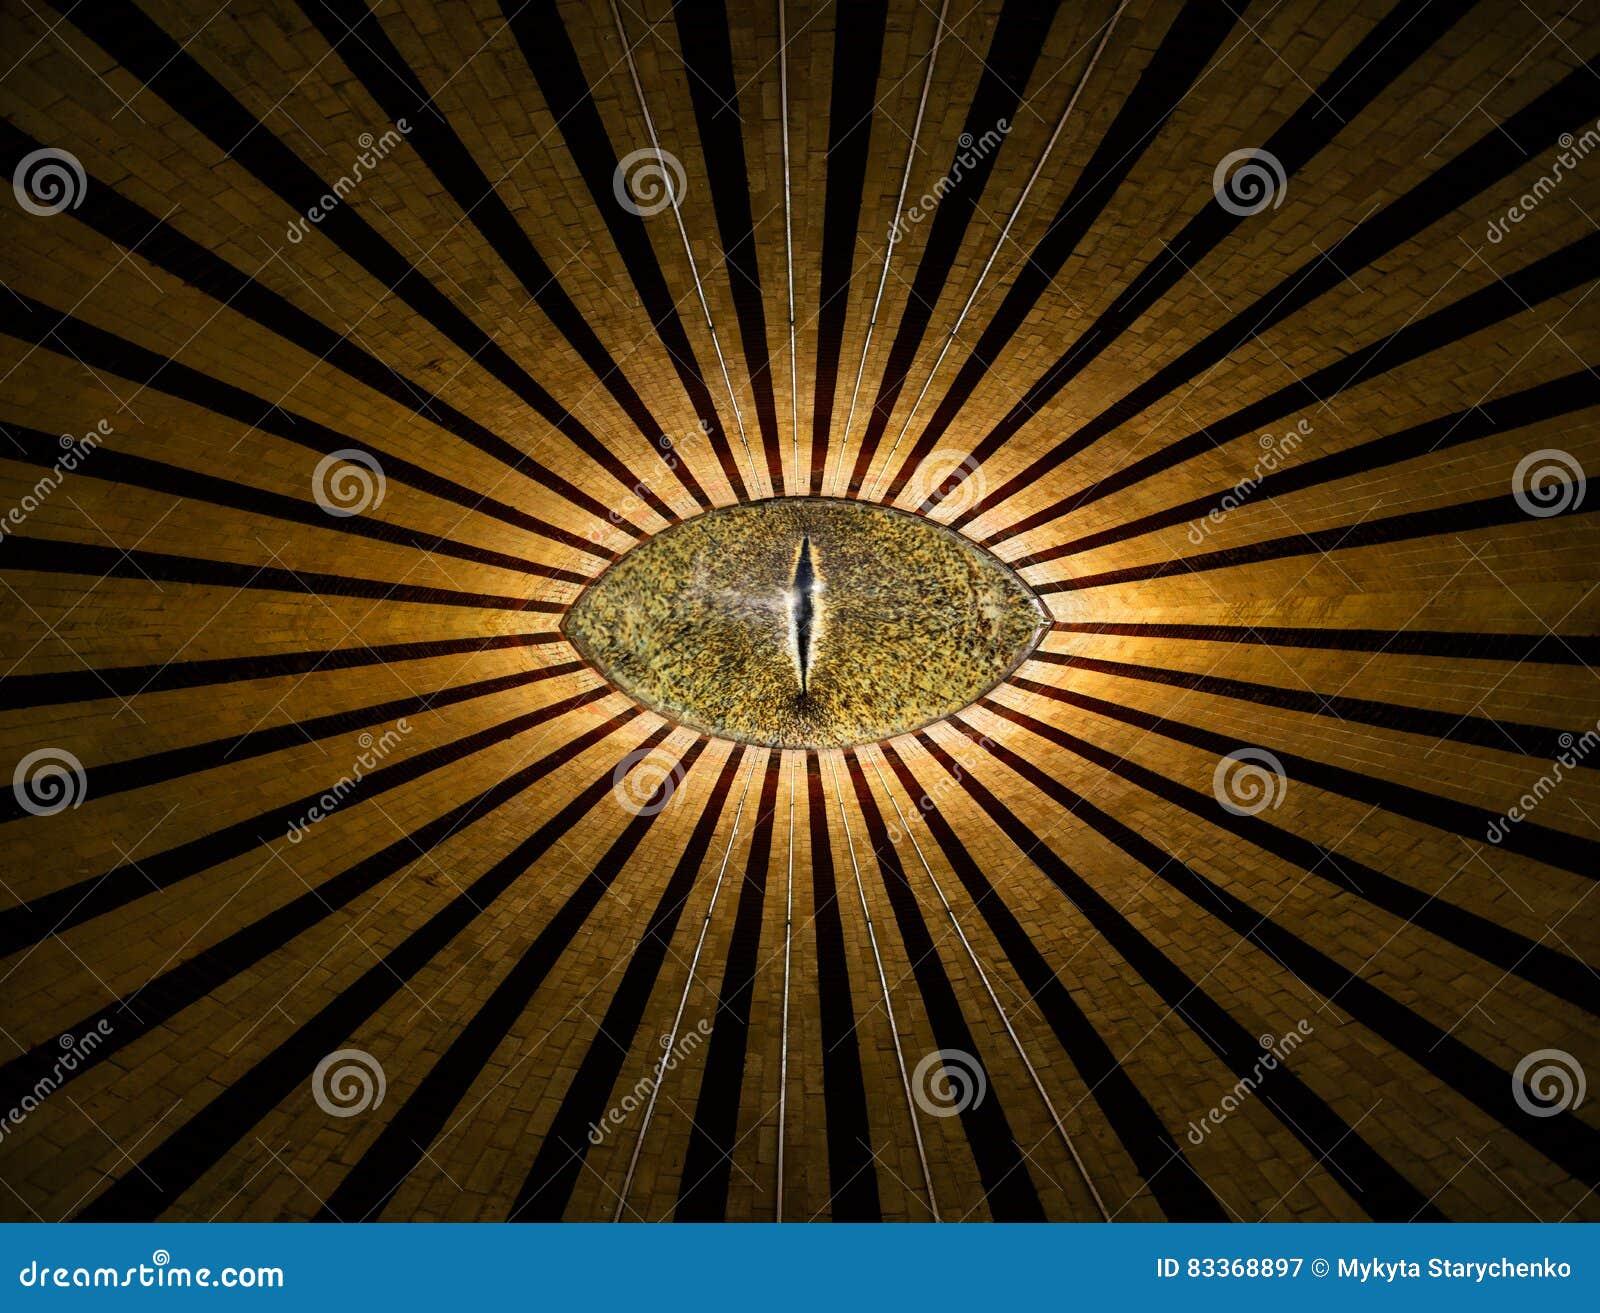 Złoty wszystkowidzący anonimowy oko z liniami i światło religii abstrakcjonistycznym tłem